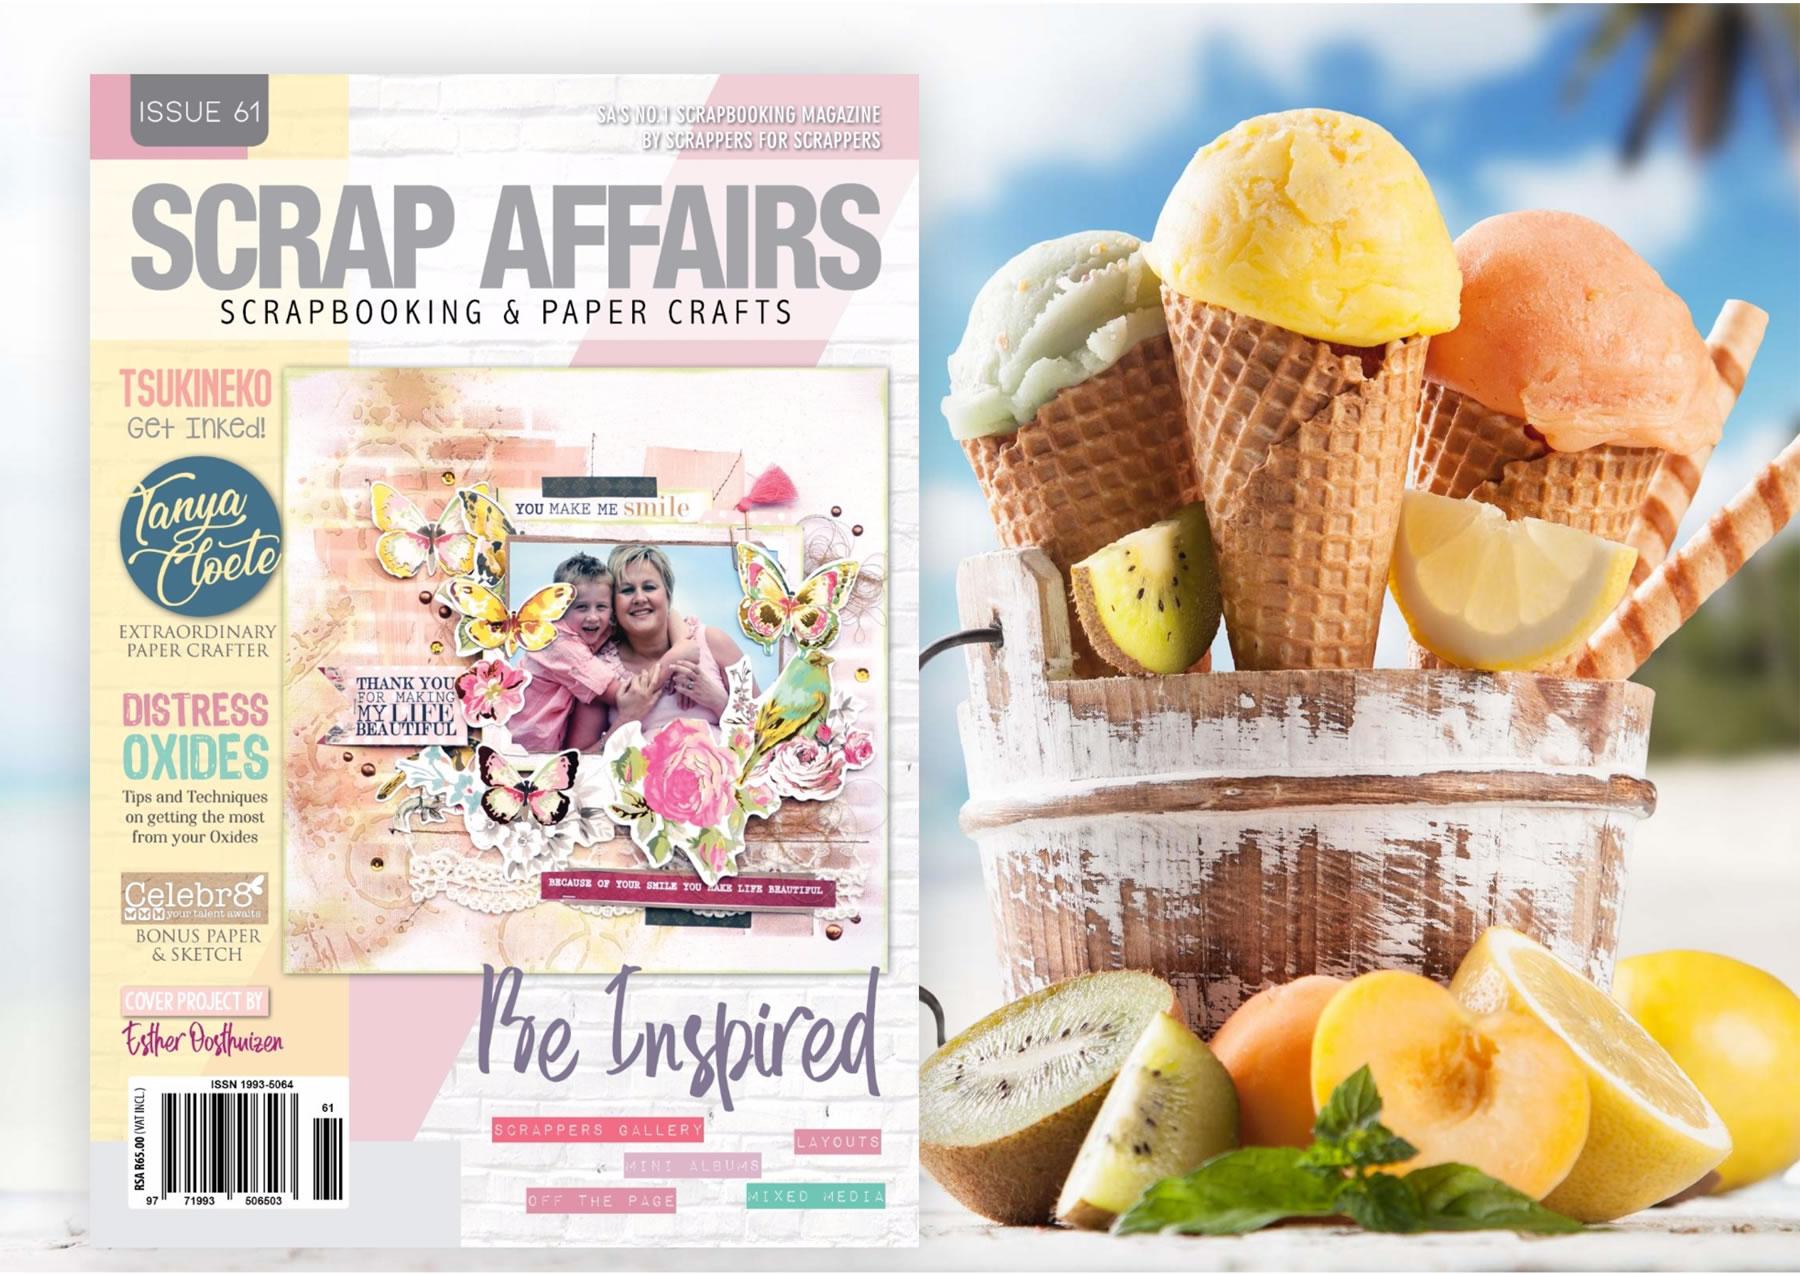 Scrap Affairs Issue 61